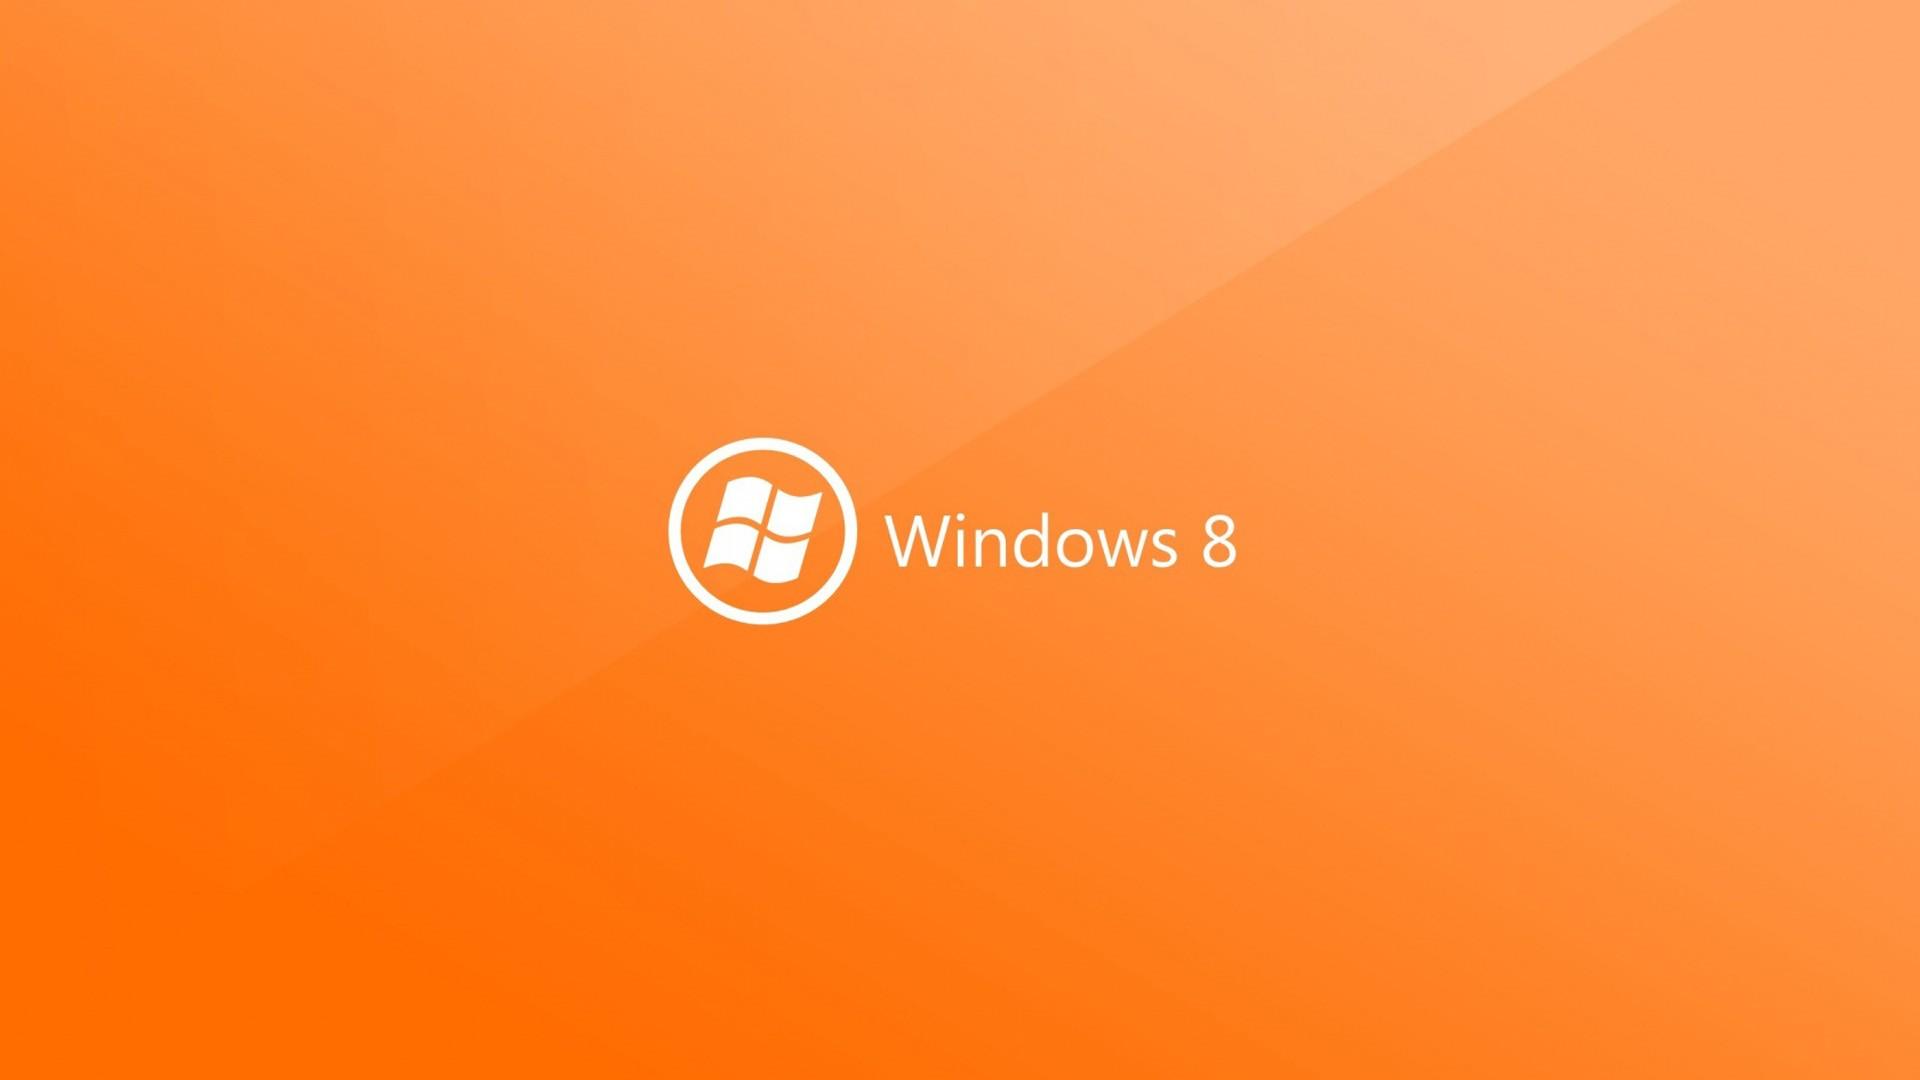 windows 8 hd desktop wallpapers (41 wallpapers) – adorable wallpapers